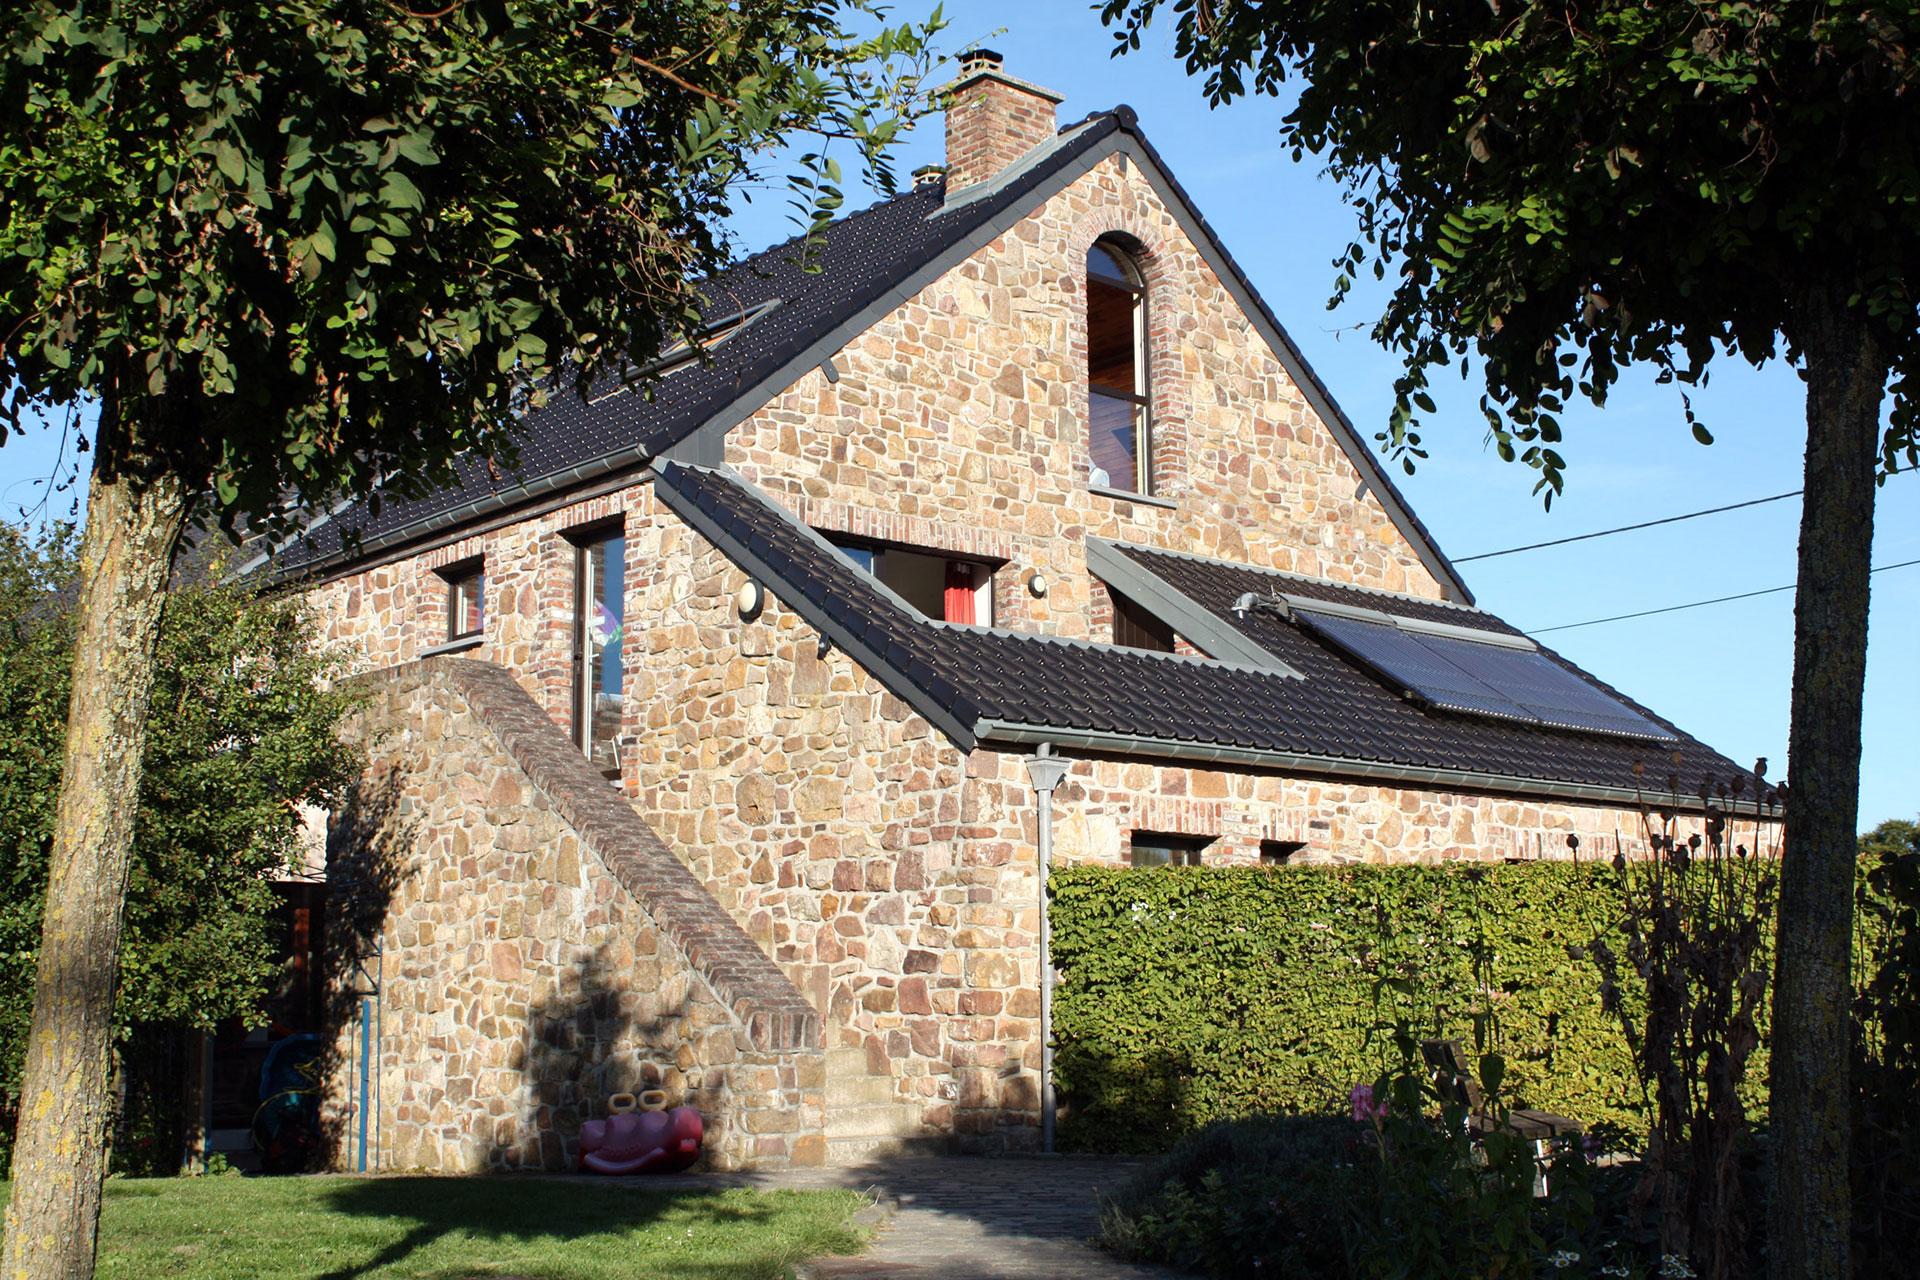 Gîte du Plateau - Terre - Bois-de-Villers - ancienne ferme - Access-i - labellisé Clé Verte